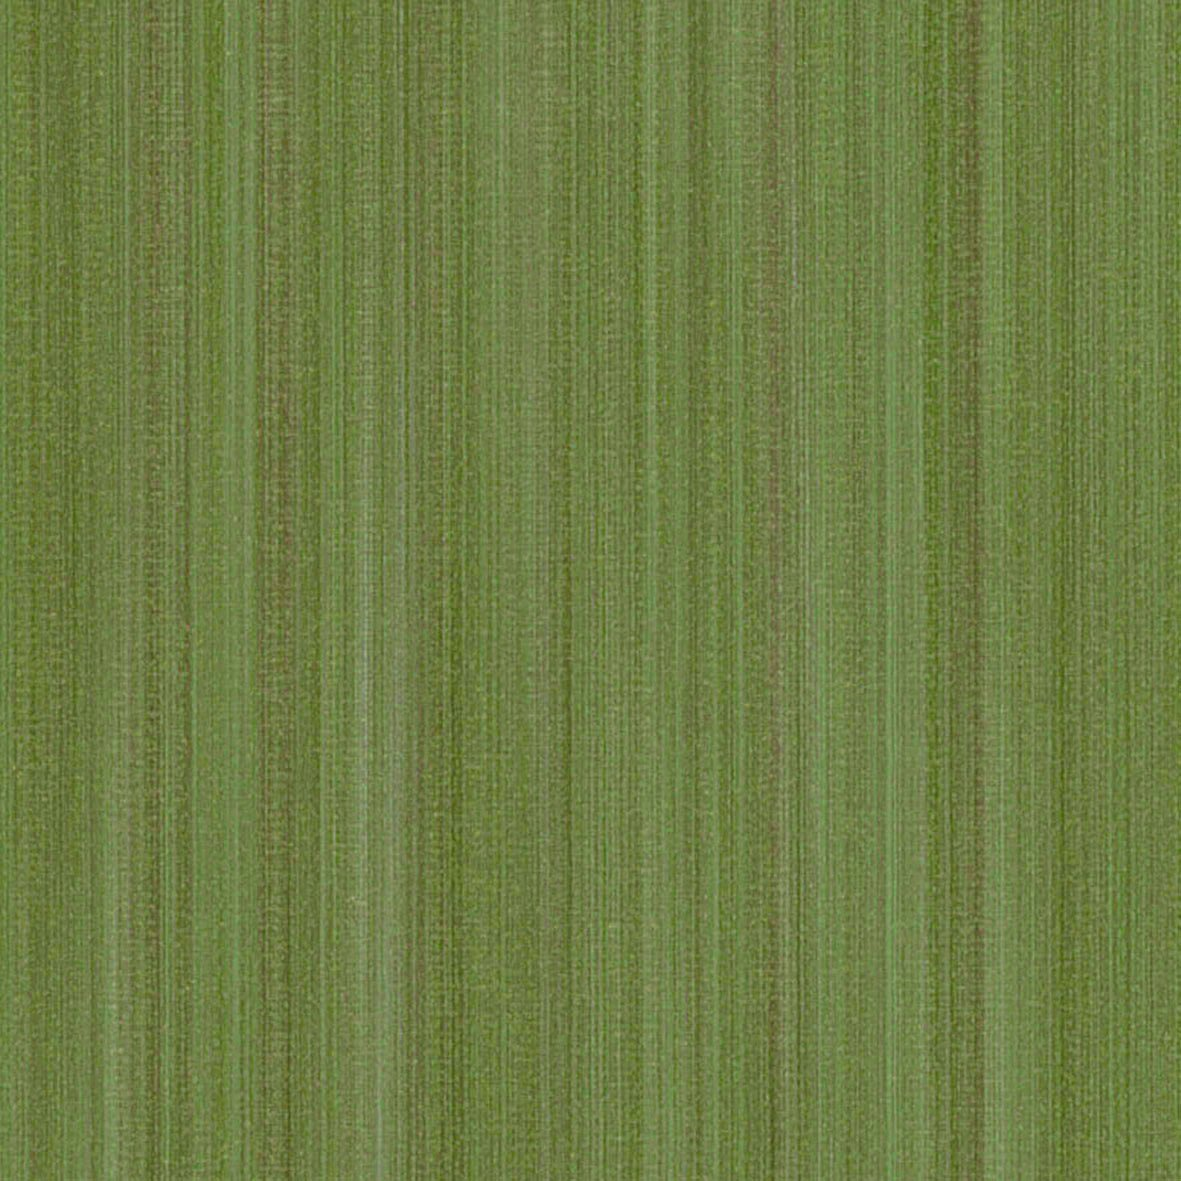 リリカラ 壁紙29m シンフル ストライプ グリーン LL-8608 B01MXDTOU6 29m|グリーン3